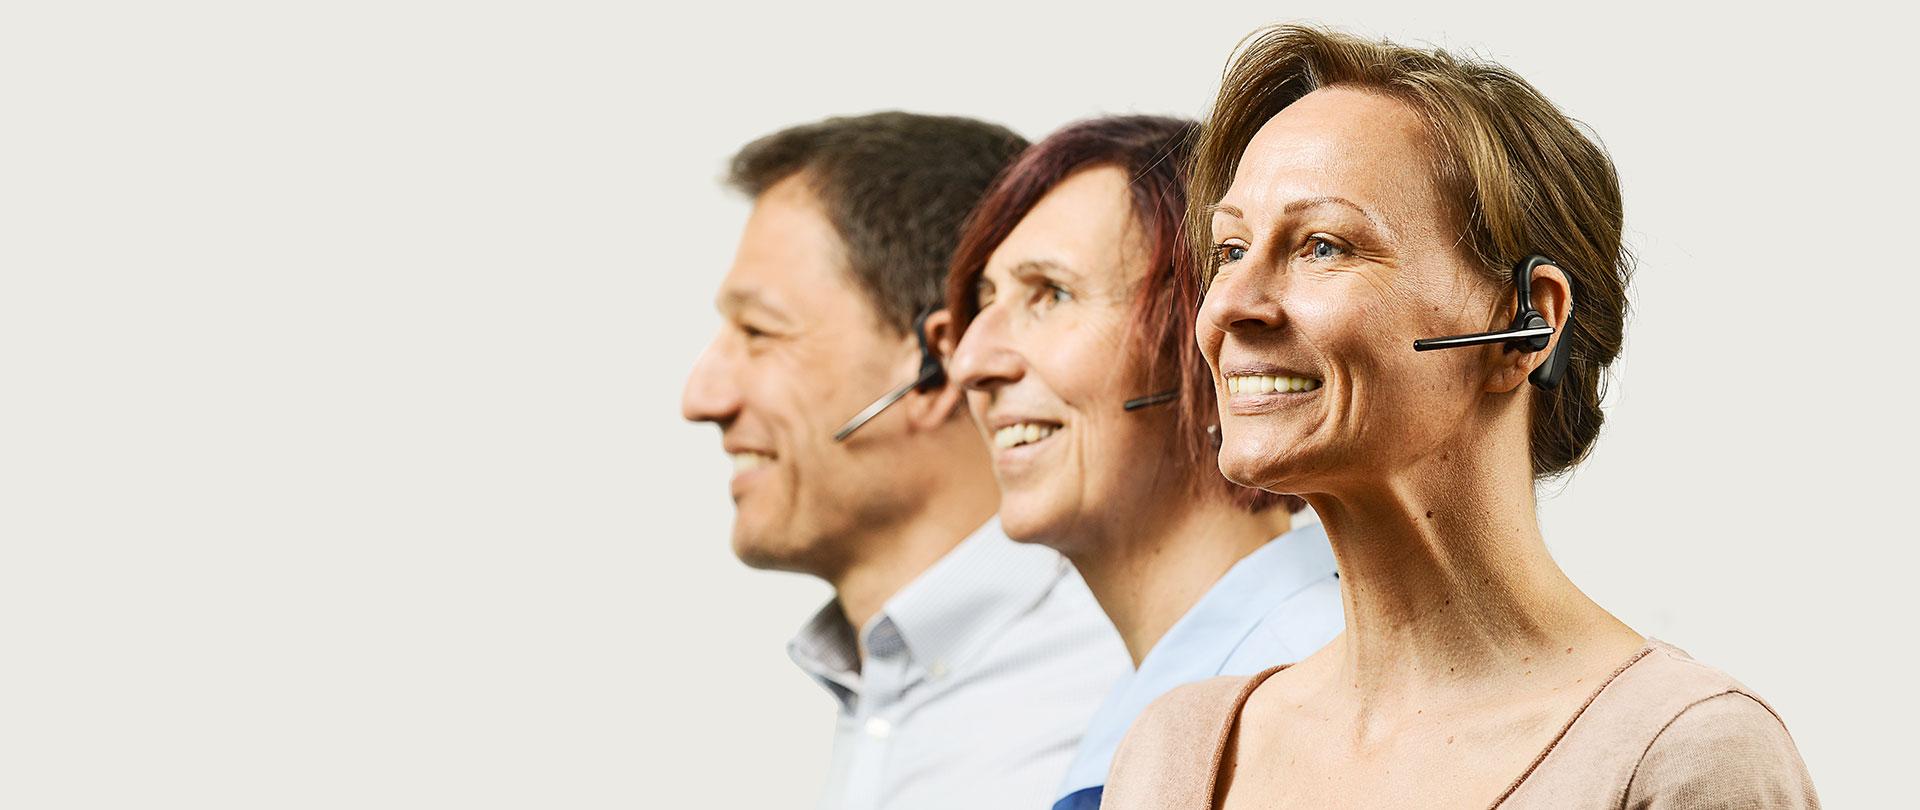 Kontakt - Wir freuen uns auf Ihre Anfrage